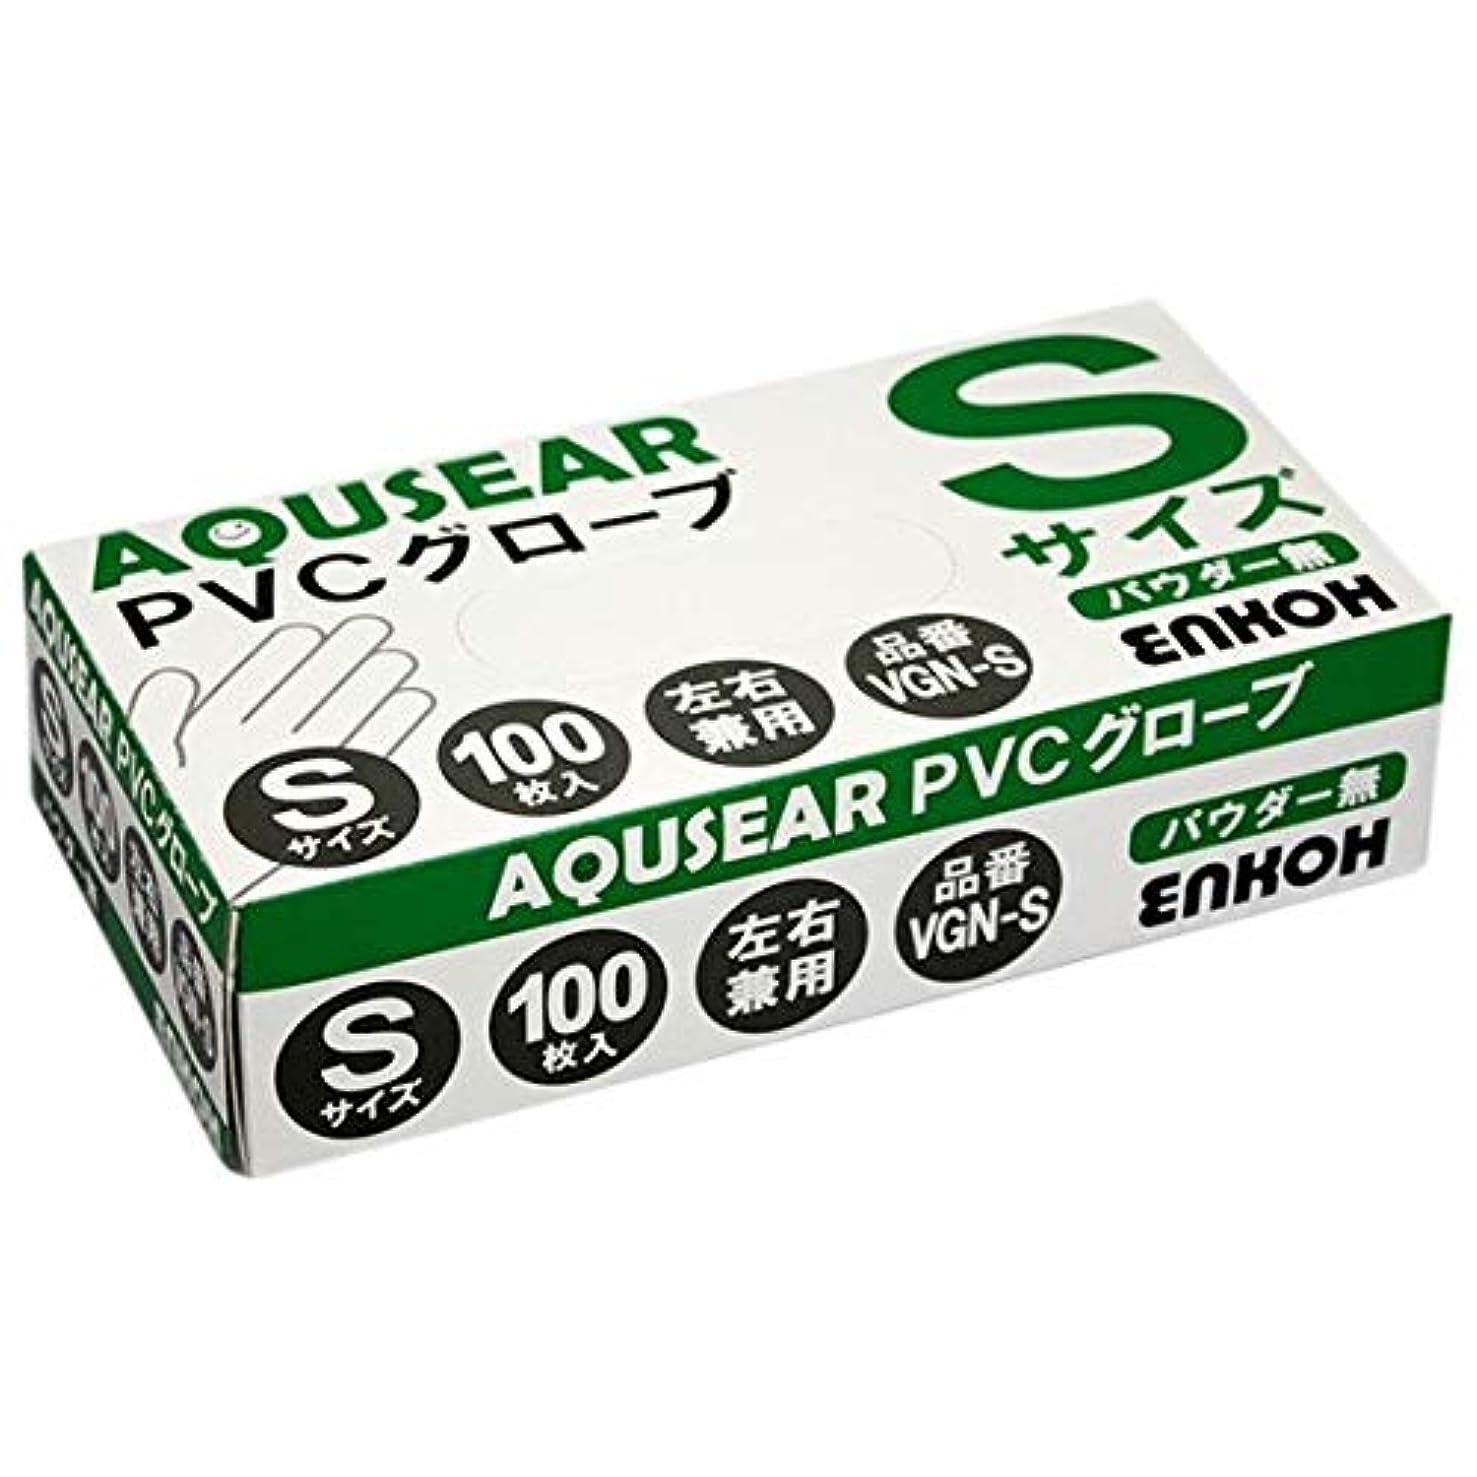 平野泥棒電卓AQUSEAR PVC プラスチックグローブ Sサイズ パウダー無 VGN-S 100枚×20箱